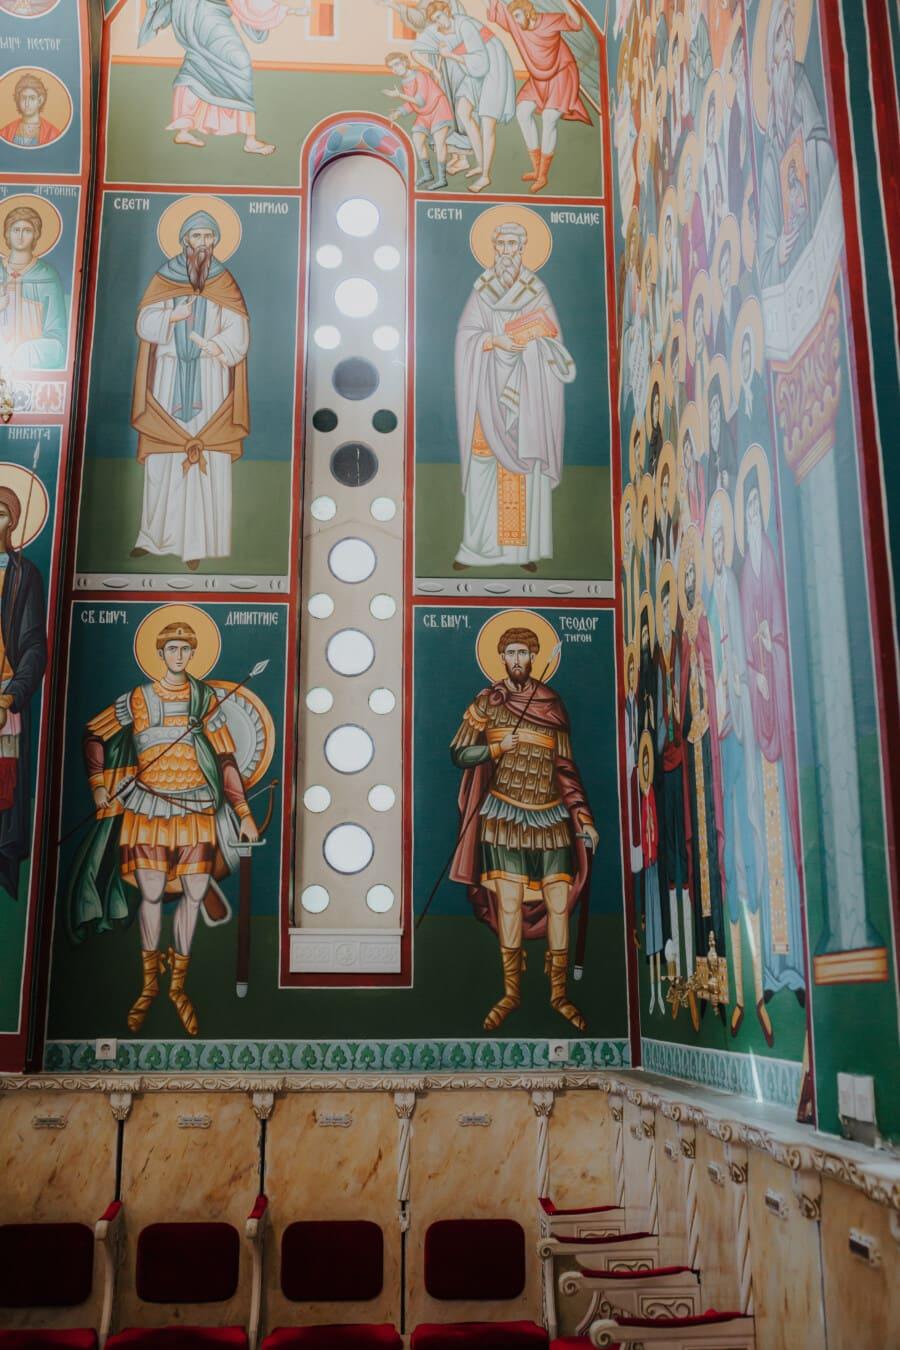 Saint, Serbie, peinture murale, design d'intérieur, des murs, église, effets visuels, peinture, beaux arts, illustration